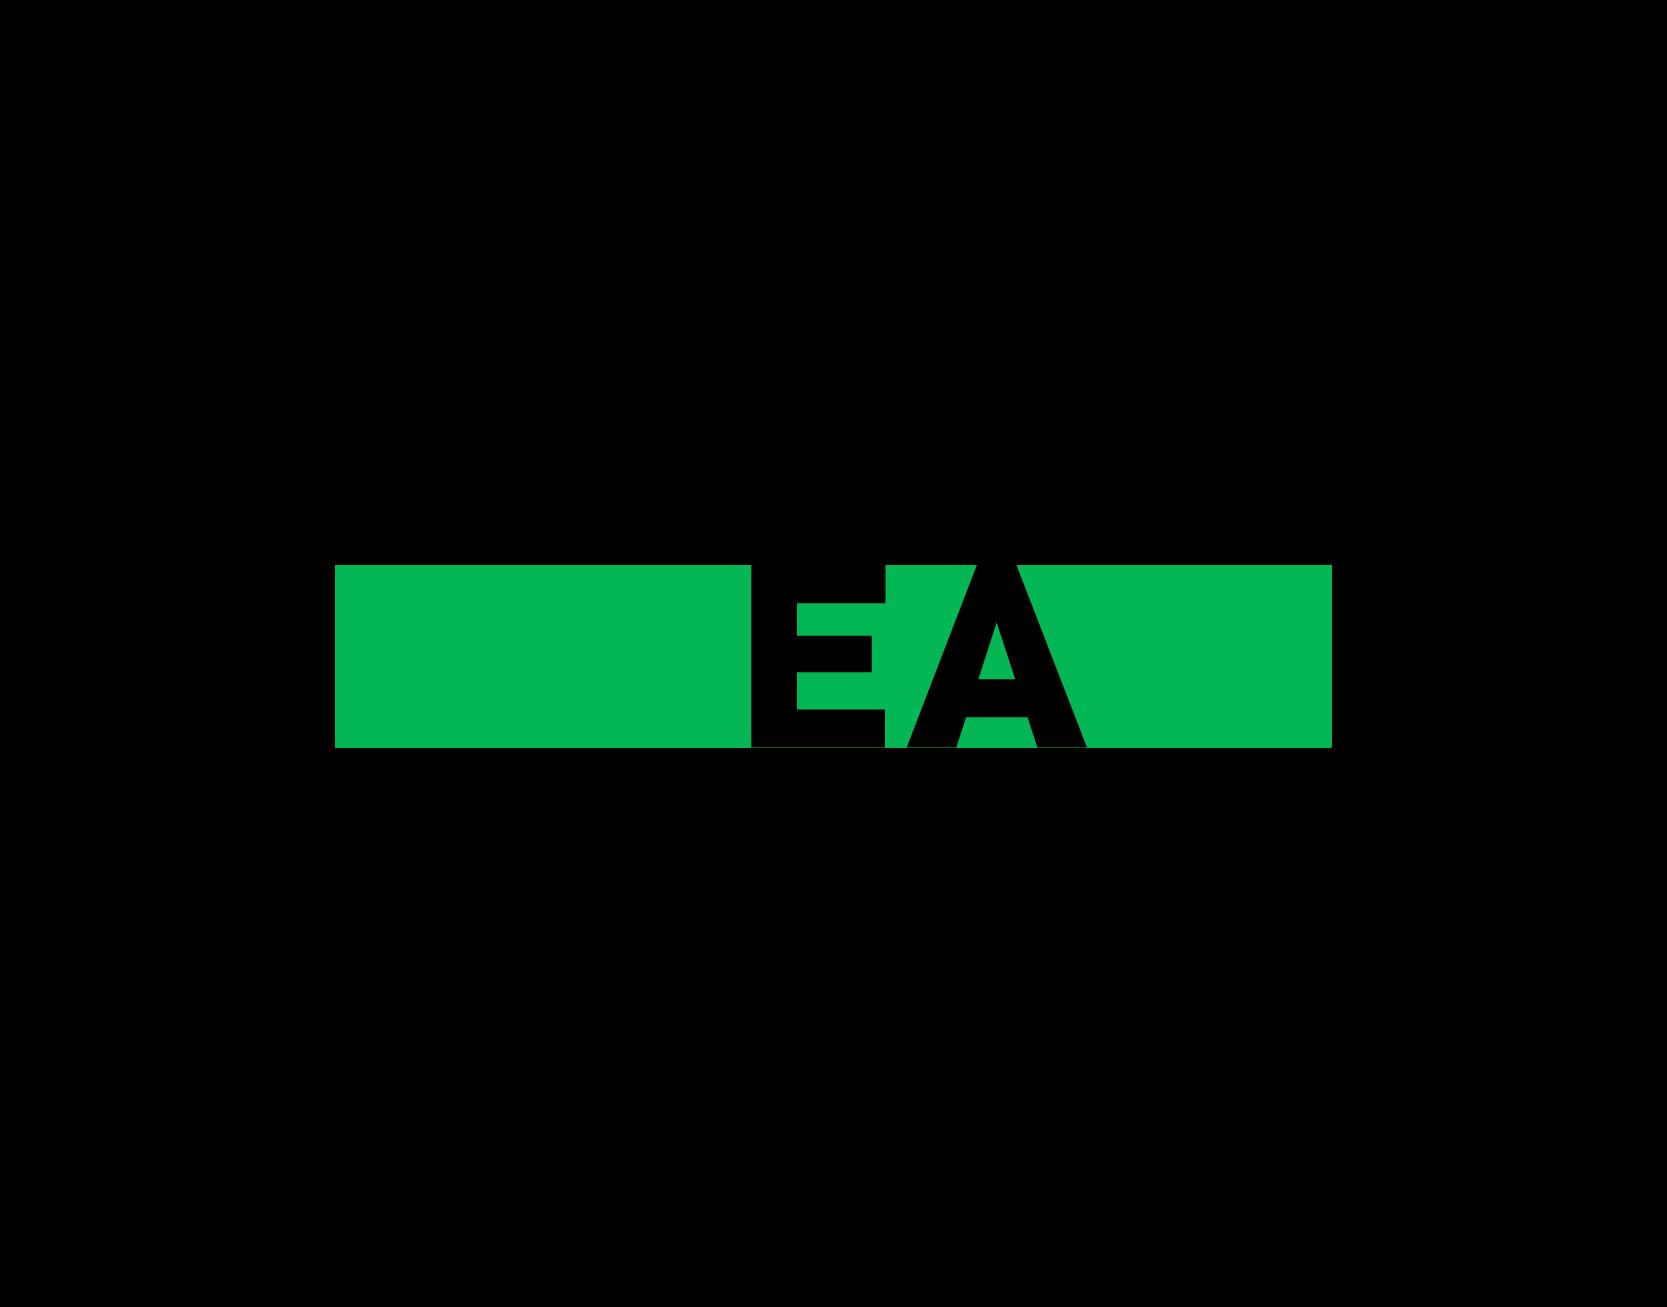 The EA Institute